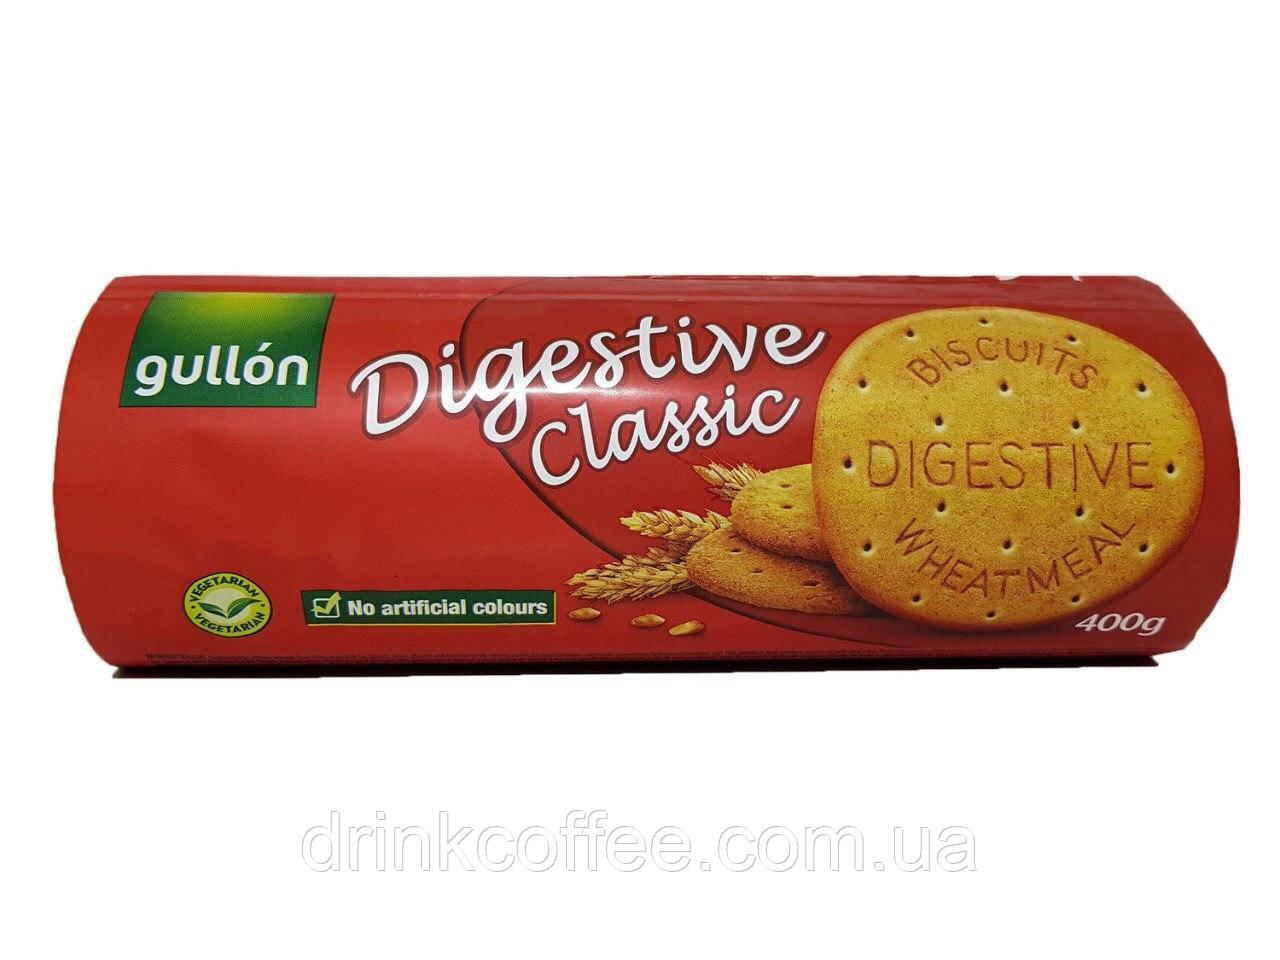 Печиво GULLON Digestive Classic Іспанія 400g